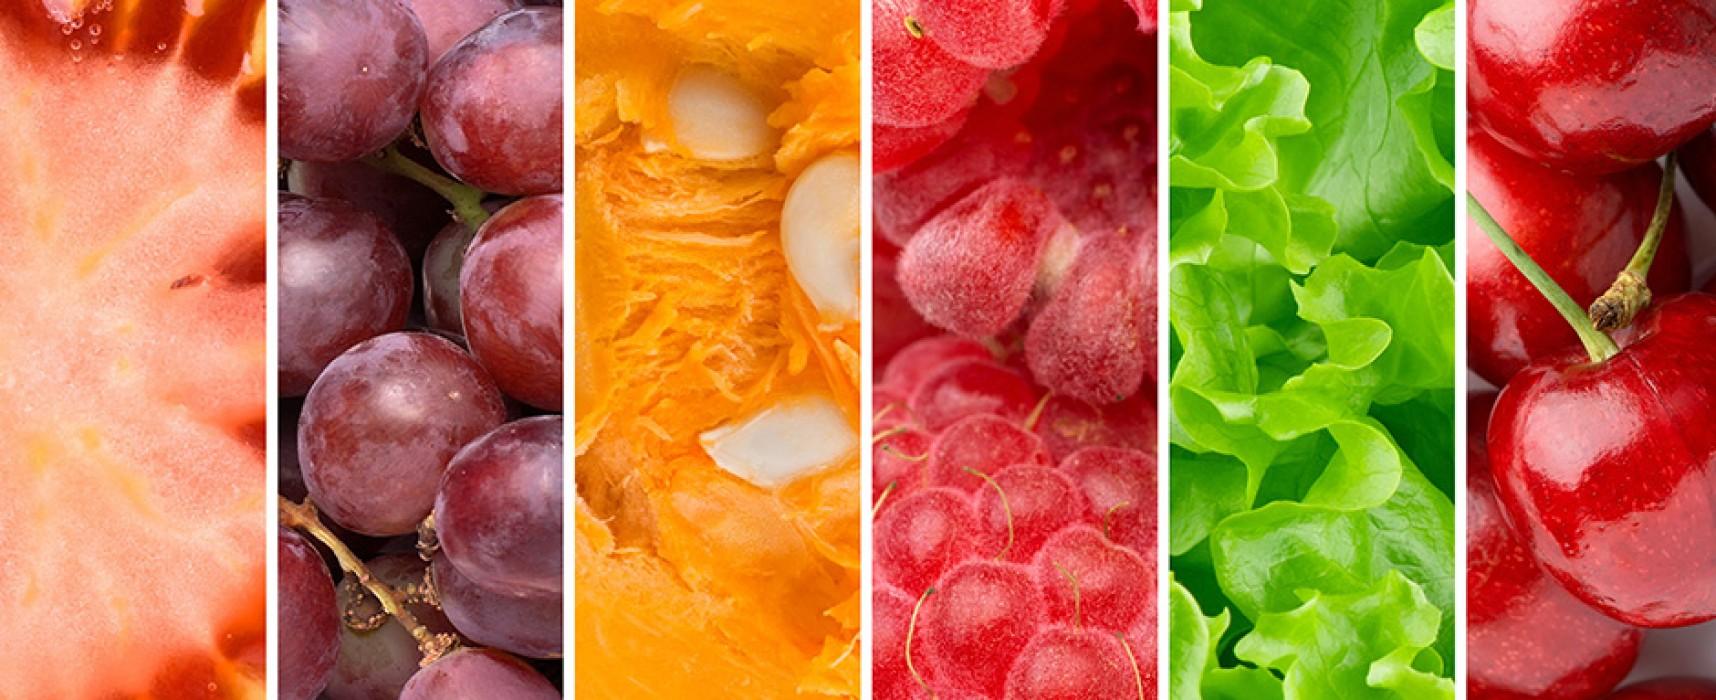 Saiba quais os benefícios da dieta vegetariana